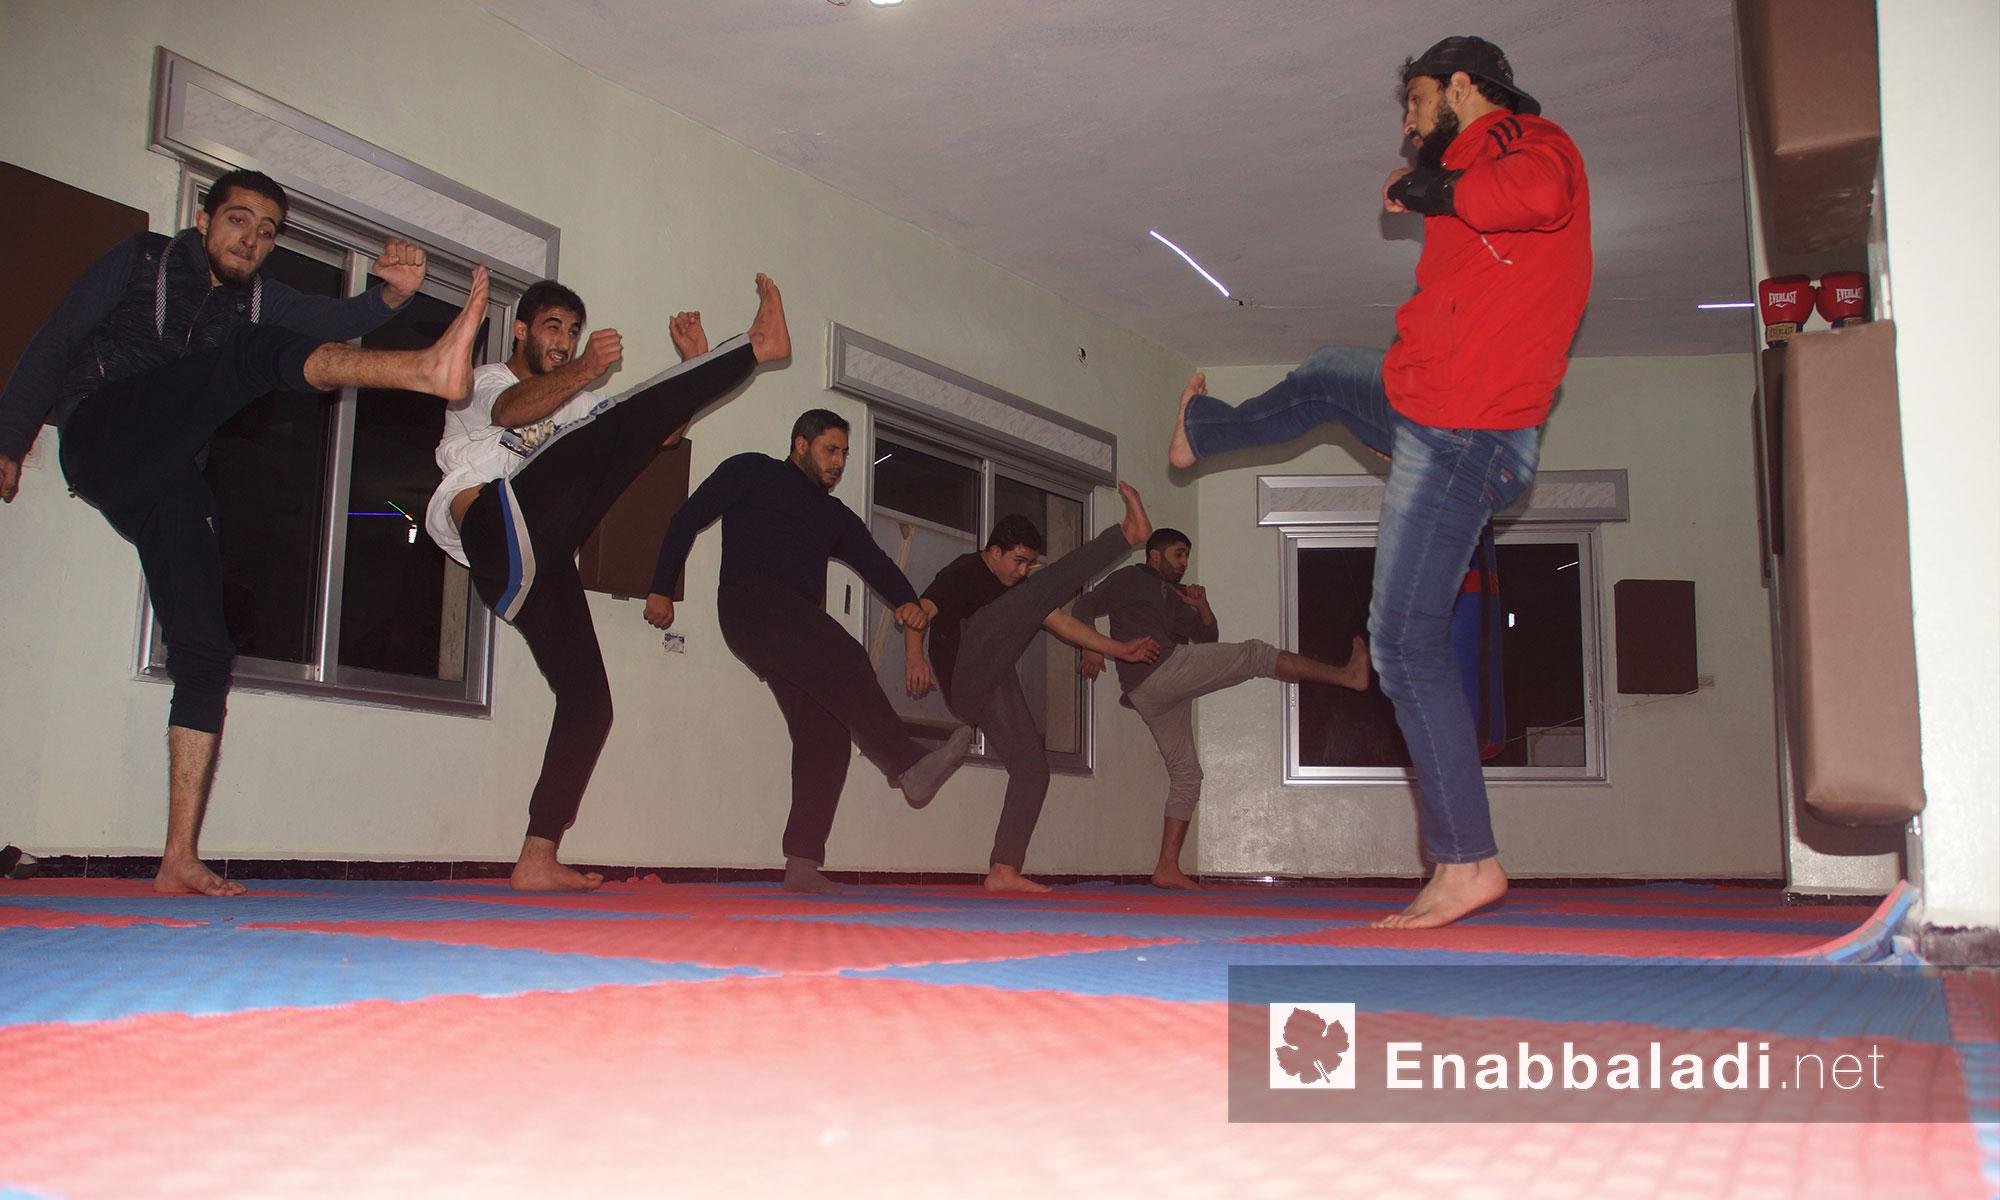 """تدريبات على الفنون القتالية ضمن مركز """"الشام"""" في مدينة إدلب - 7 كانون الأول 2017 (عنب بلدي)"""